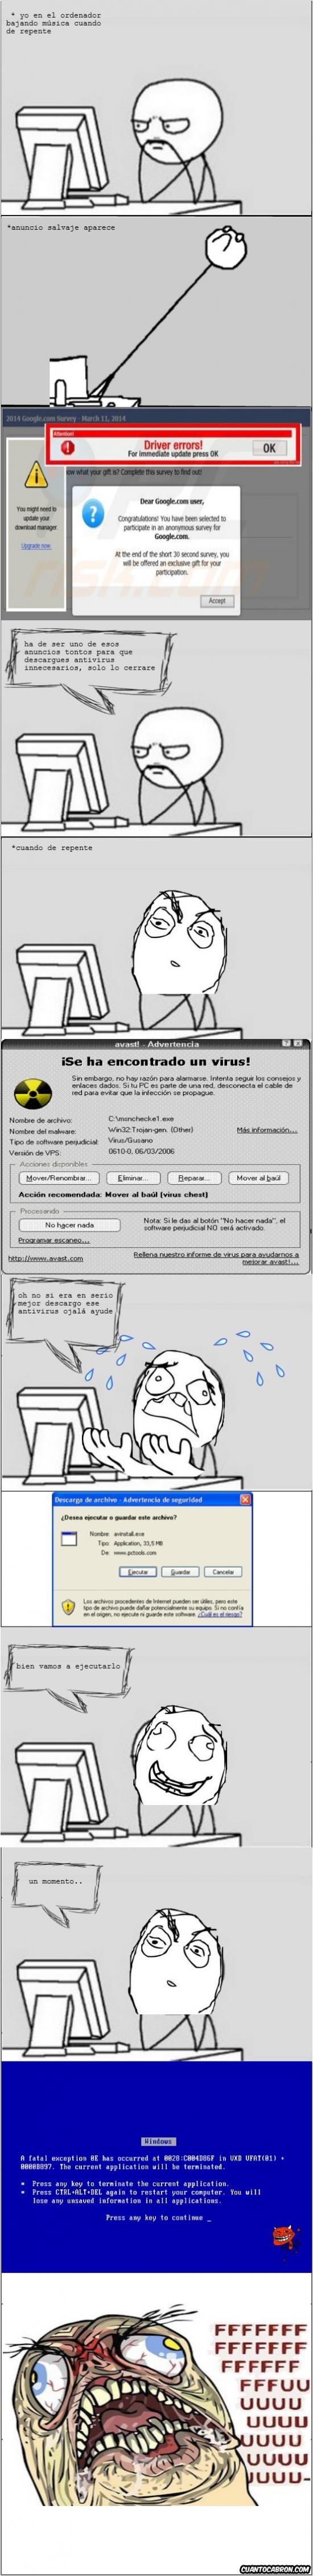 Computer_guy - Nunca te fíes de los anti-virus de publicidad